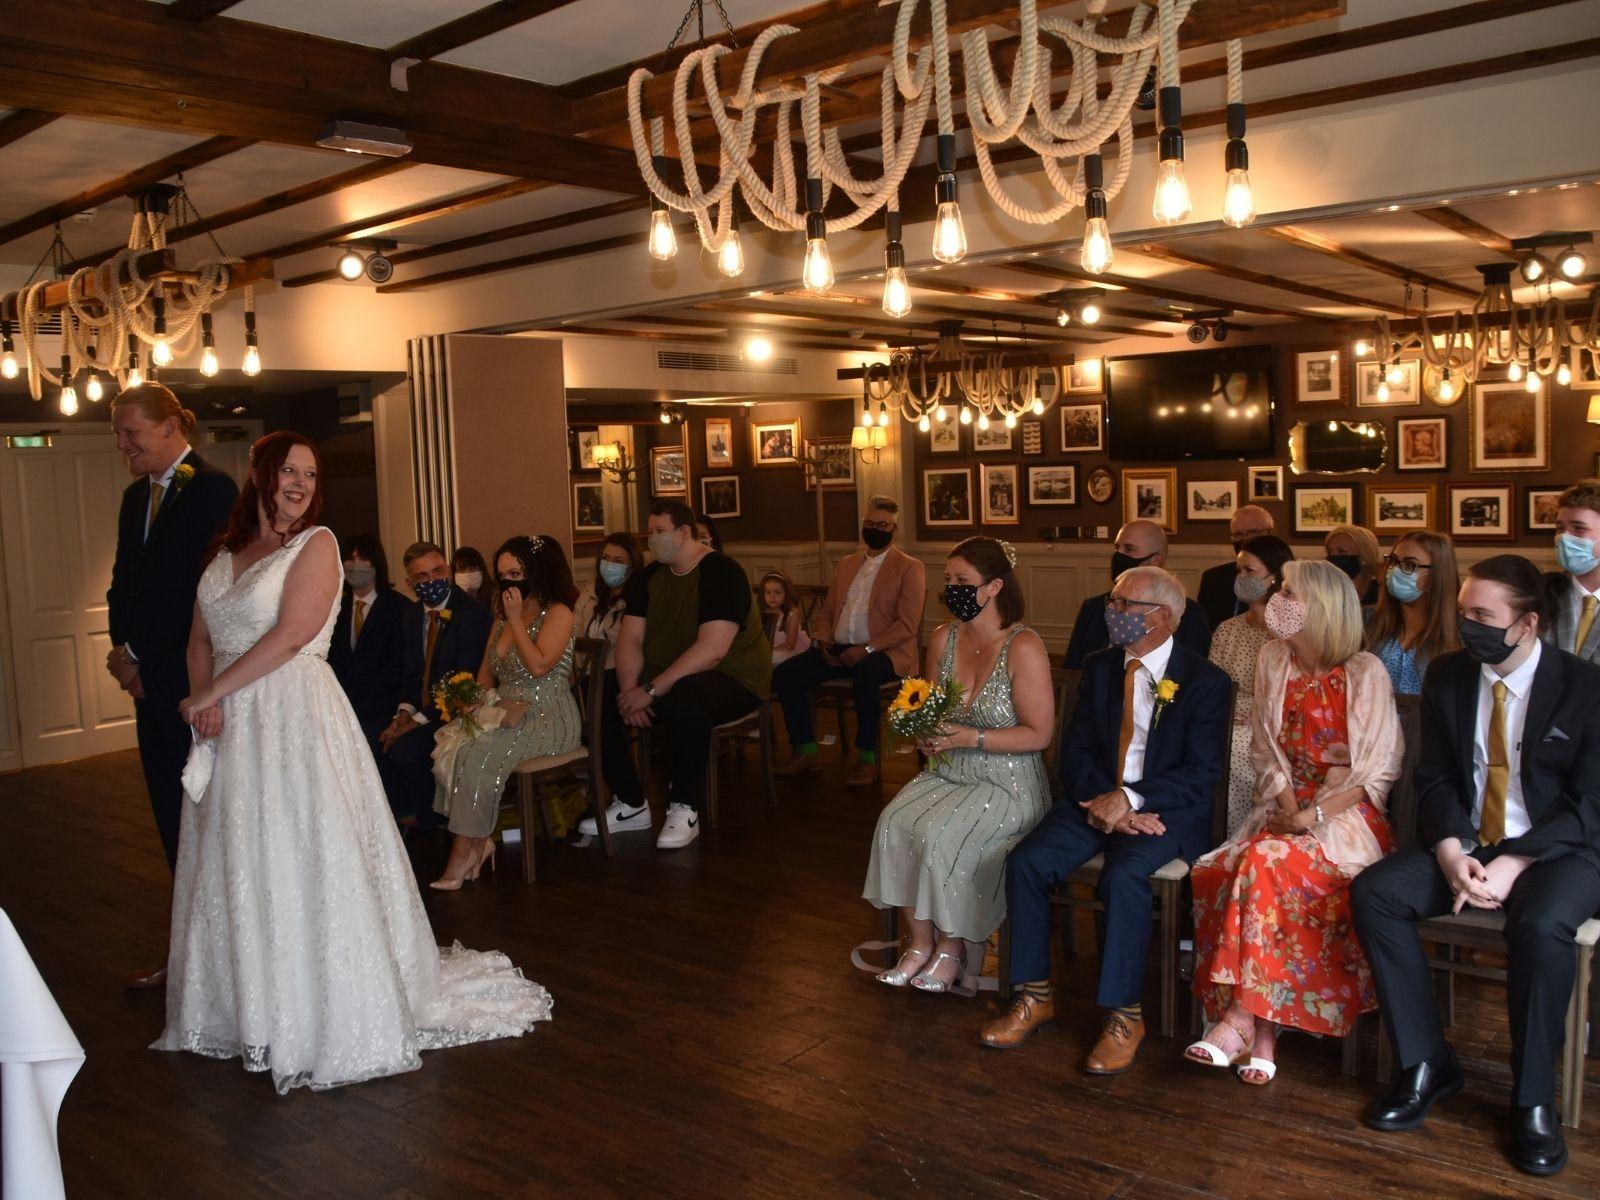 Intimate wedding ceremony Stratford Upon Avon